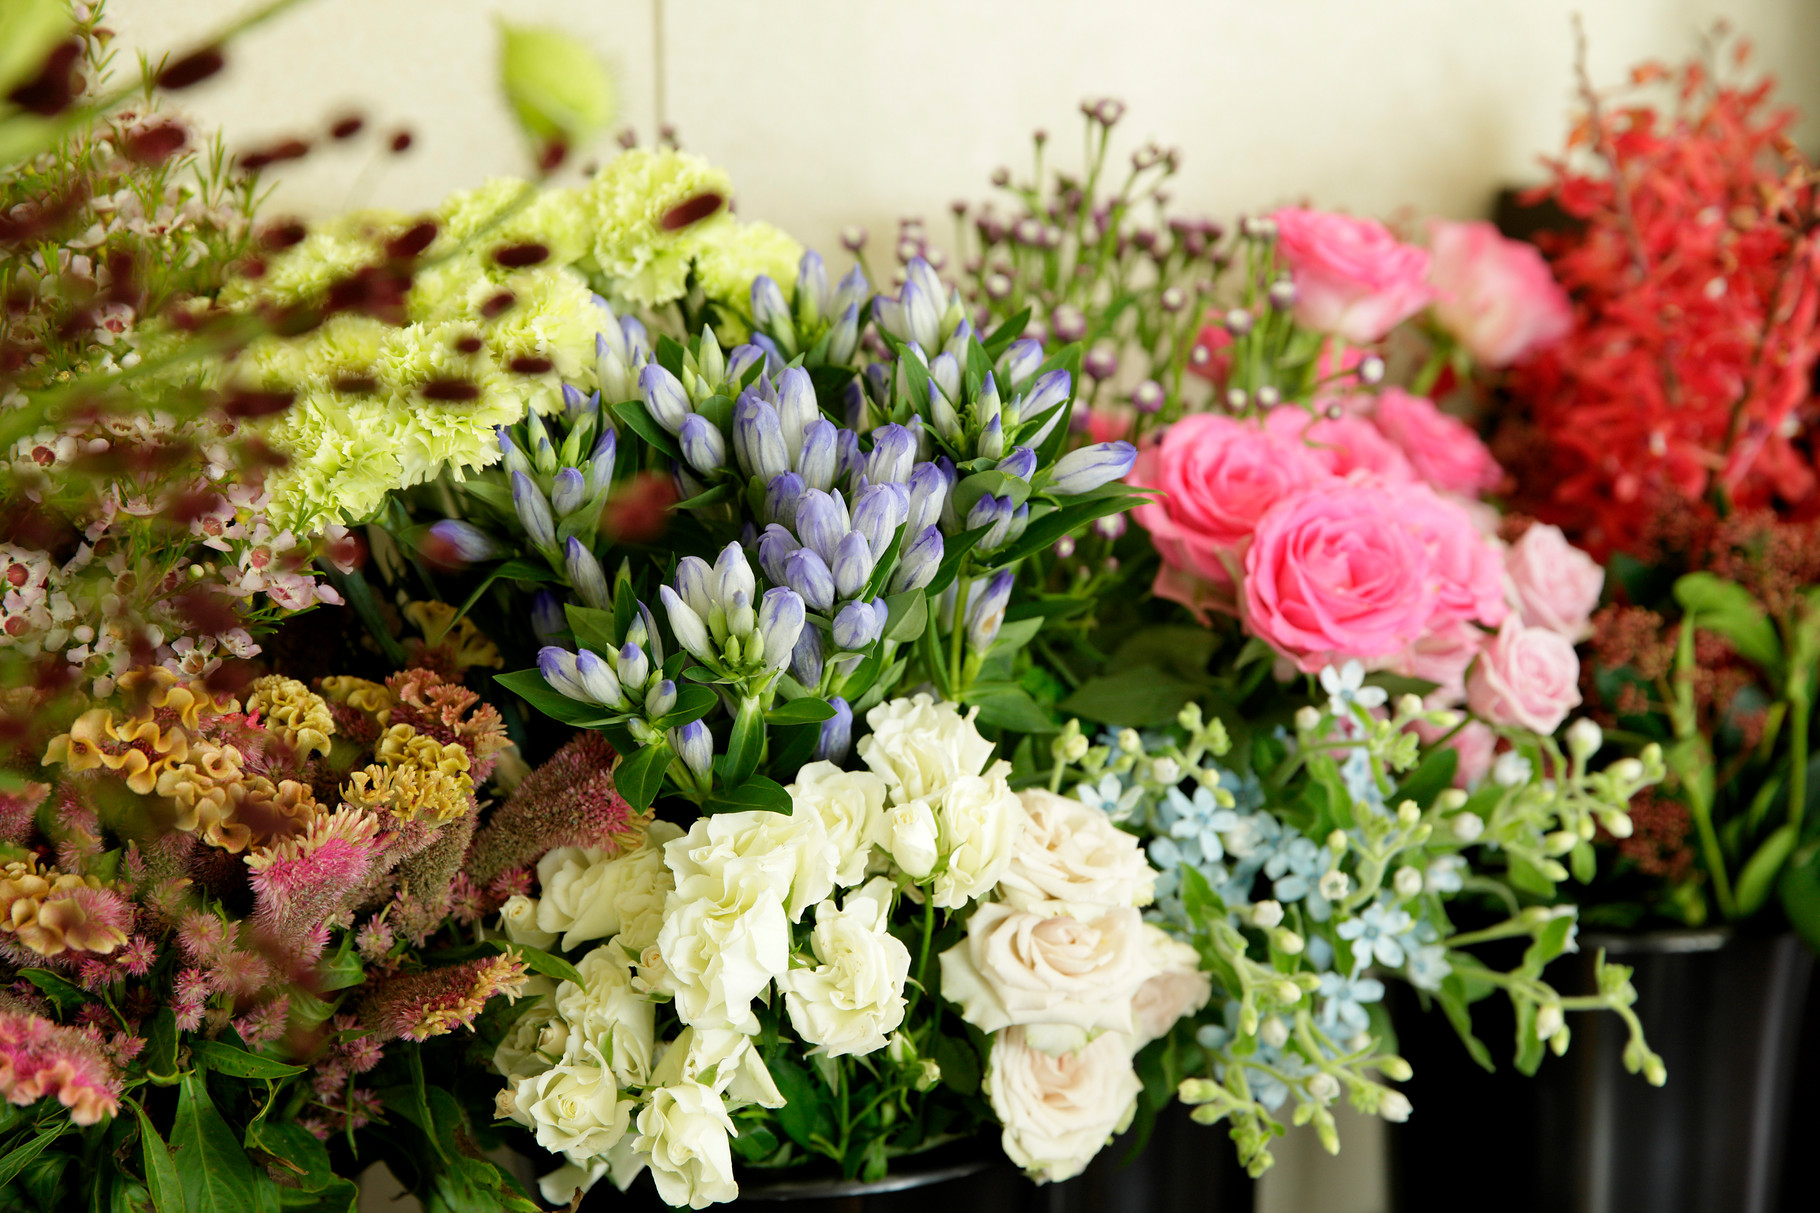 お花に囲まれた時間を楽しみましょう